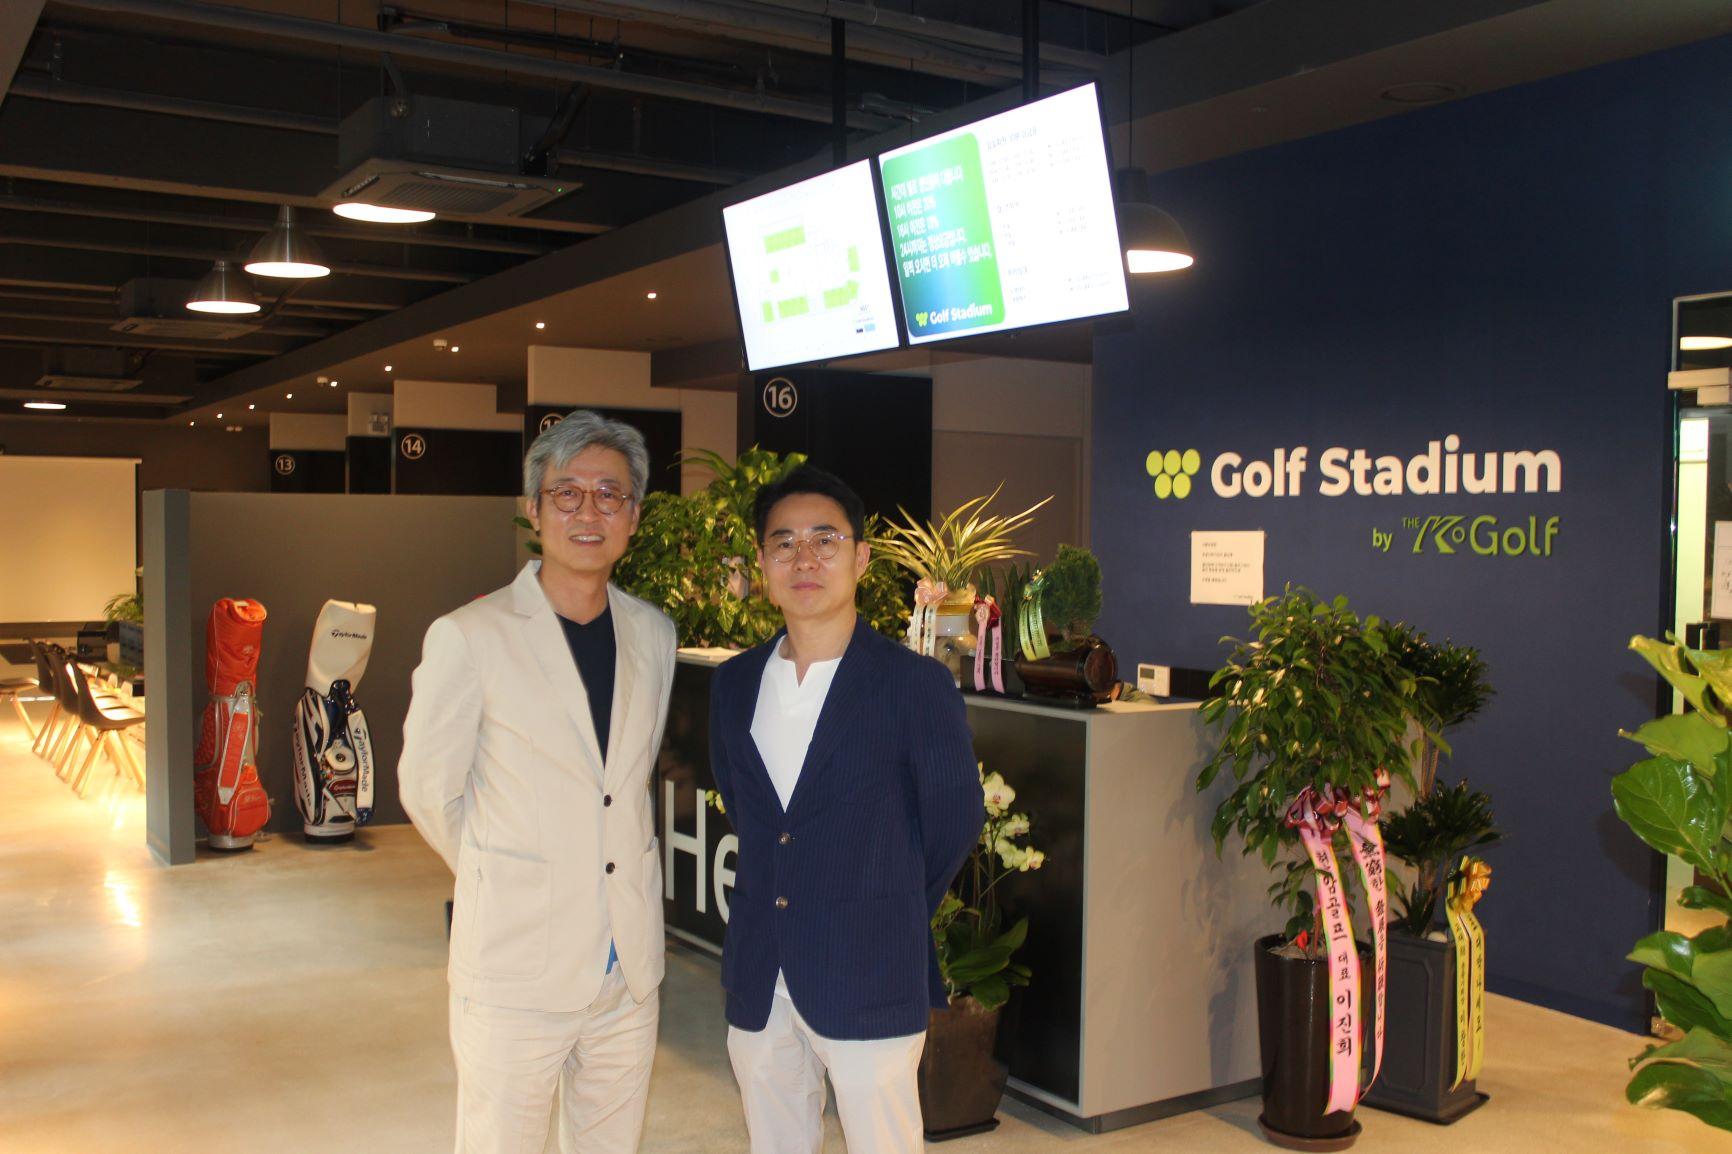 <우수 스크린골프장> 새로운 골프 문화를 개척하는 골프스타디움